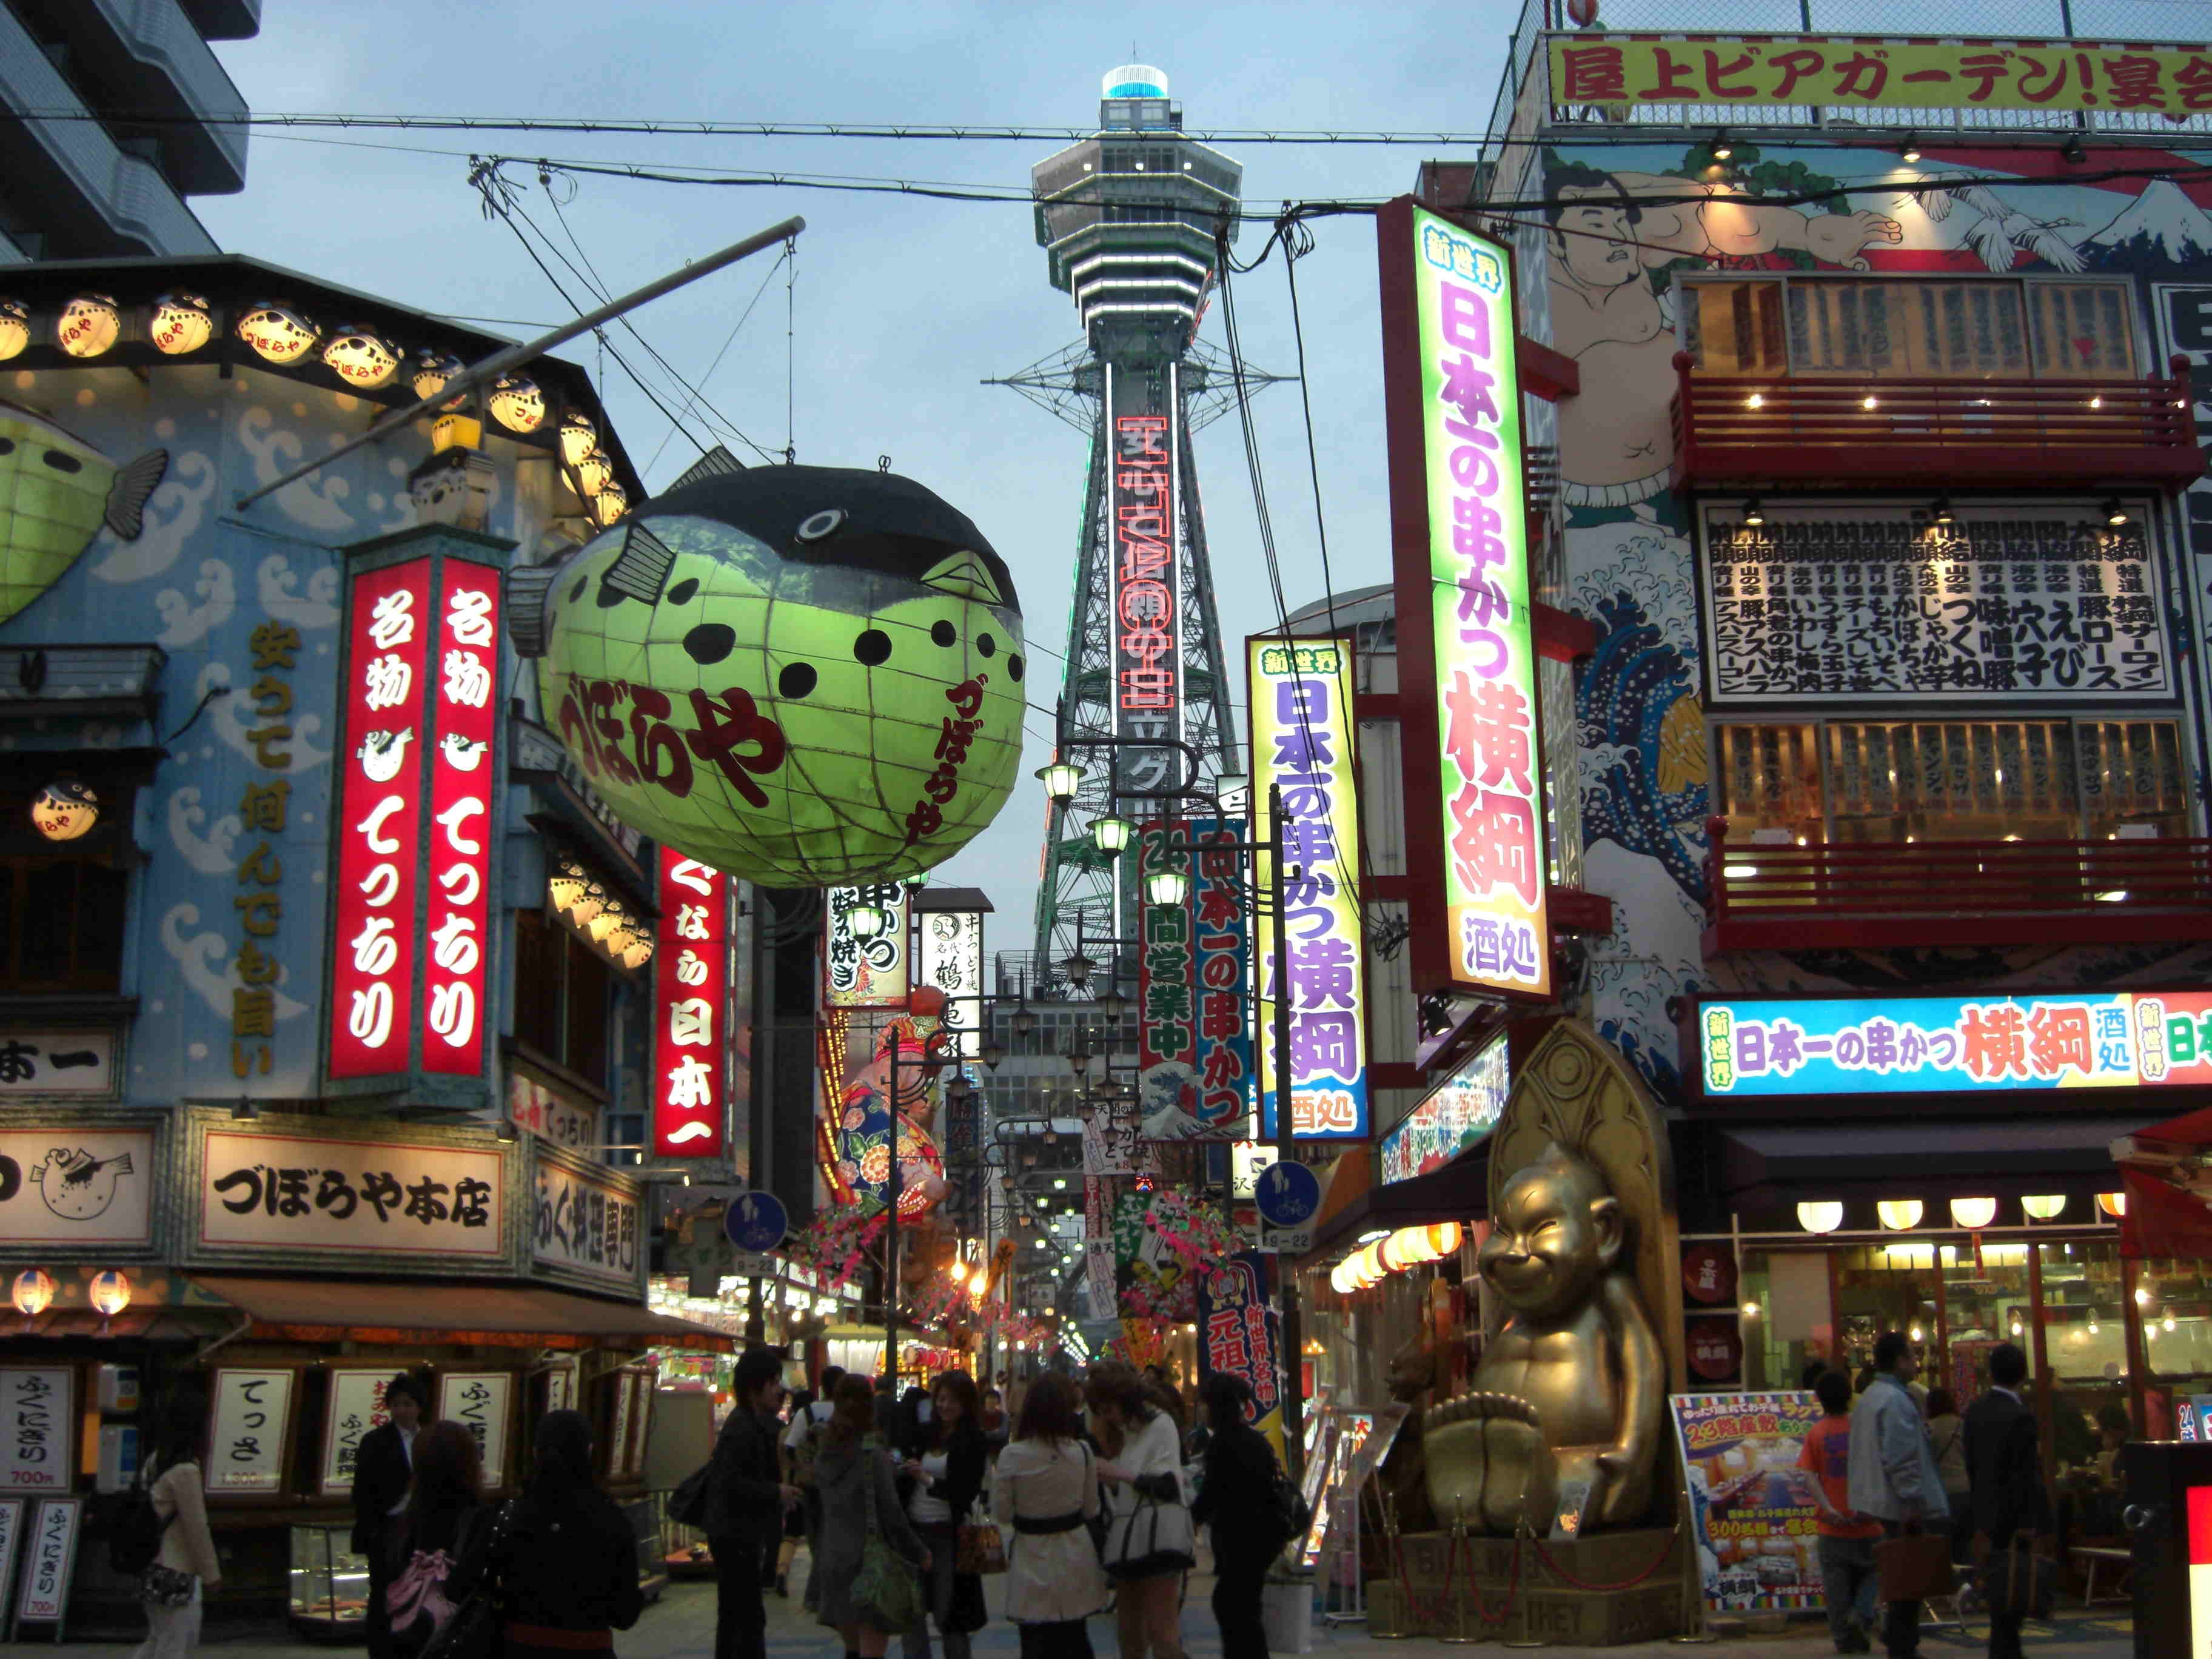 大阪市内観光貸切ケアタクシープラン! 訪れたい観光地を選ぼう!!【午前出発】大阪市内観光貸切半日コース(4時間) 訪れたい観光地を2か所選ぼう!!